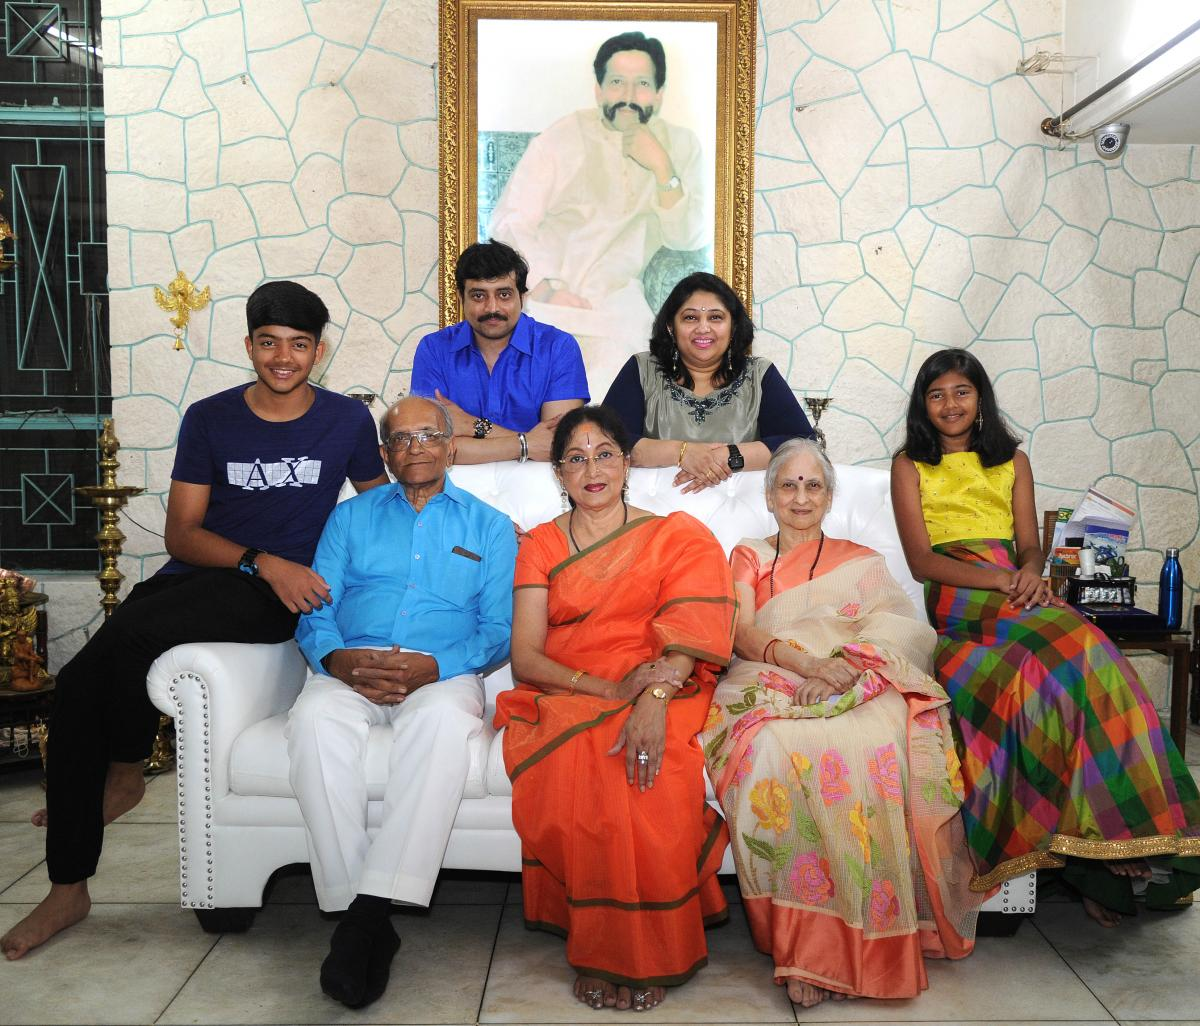 Vishnuvardhan, as family saw him | Deccan HeraldVishnuvardhan Kannada Actor With Lion